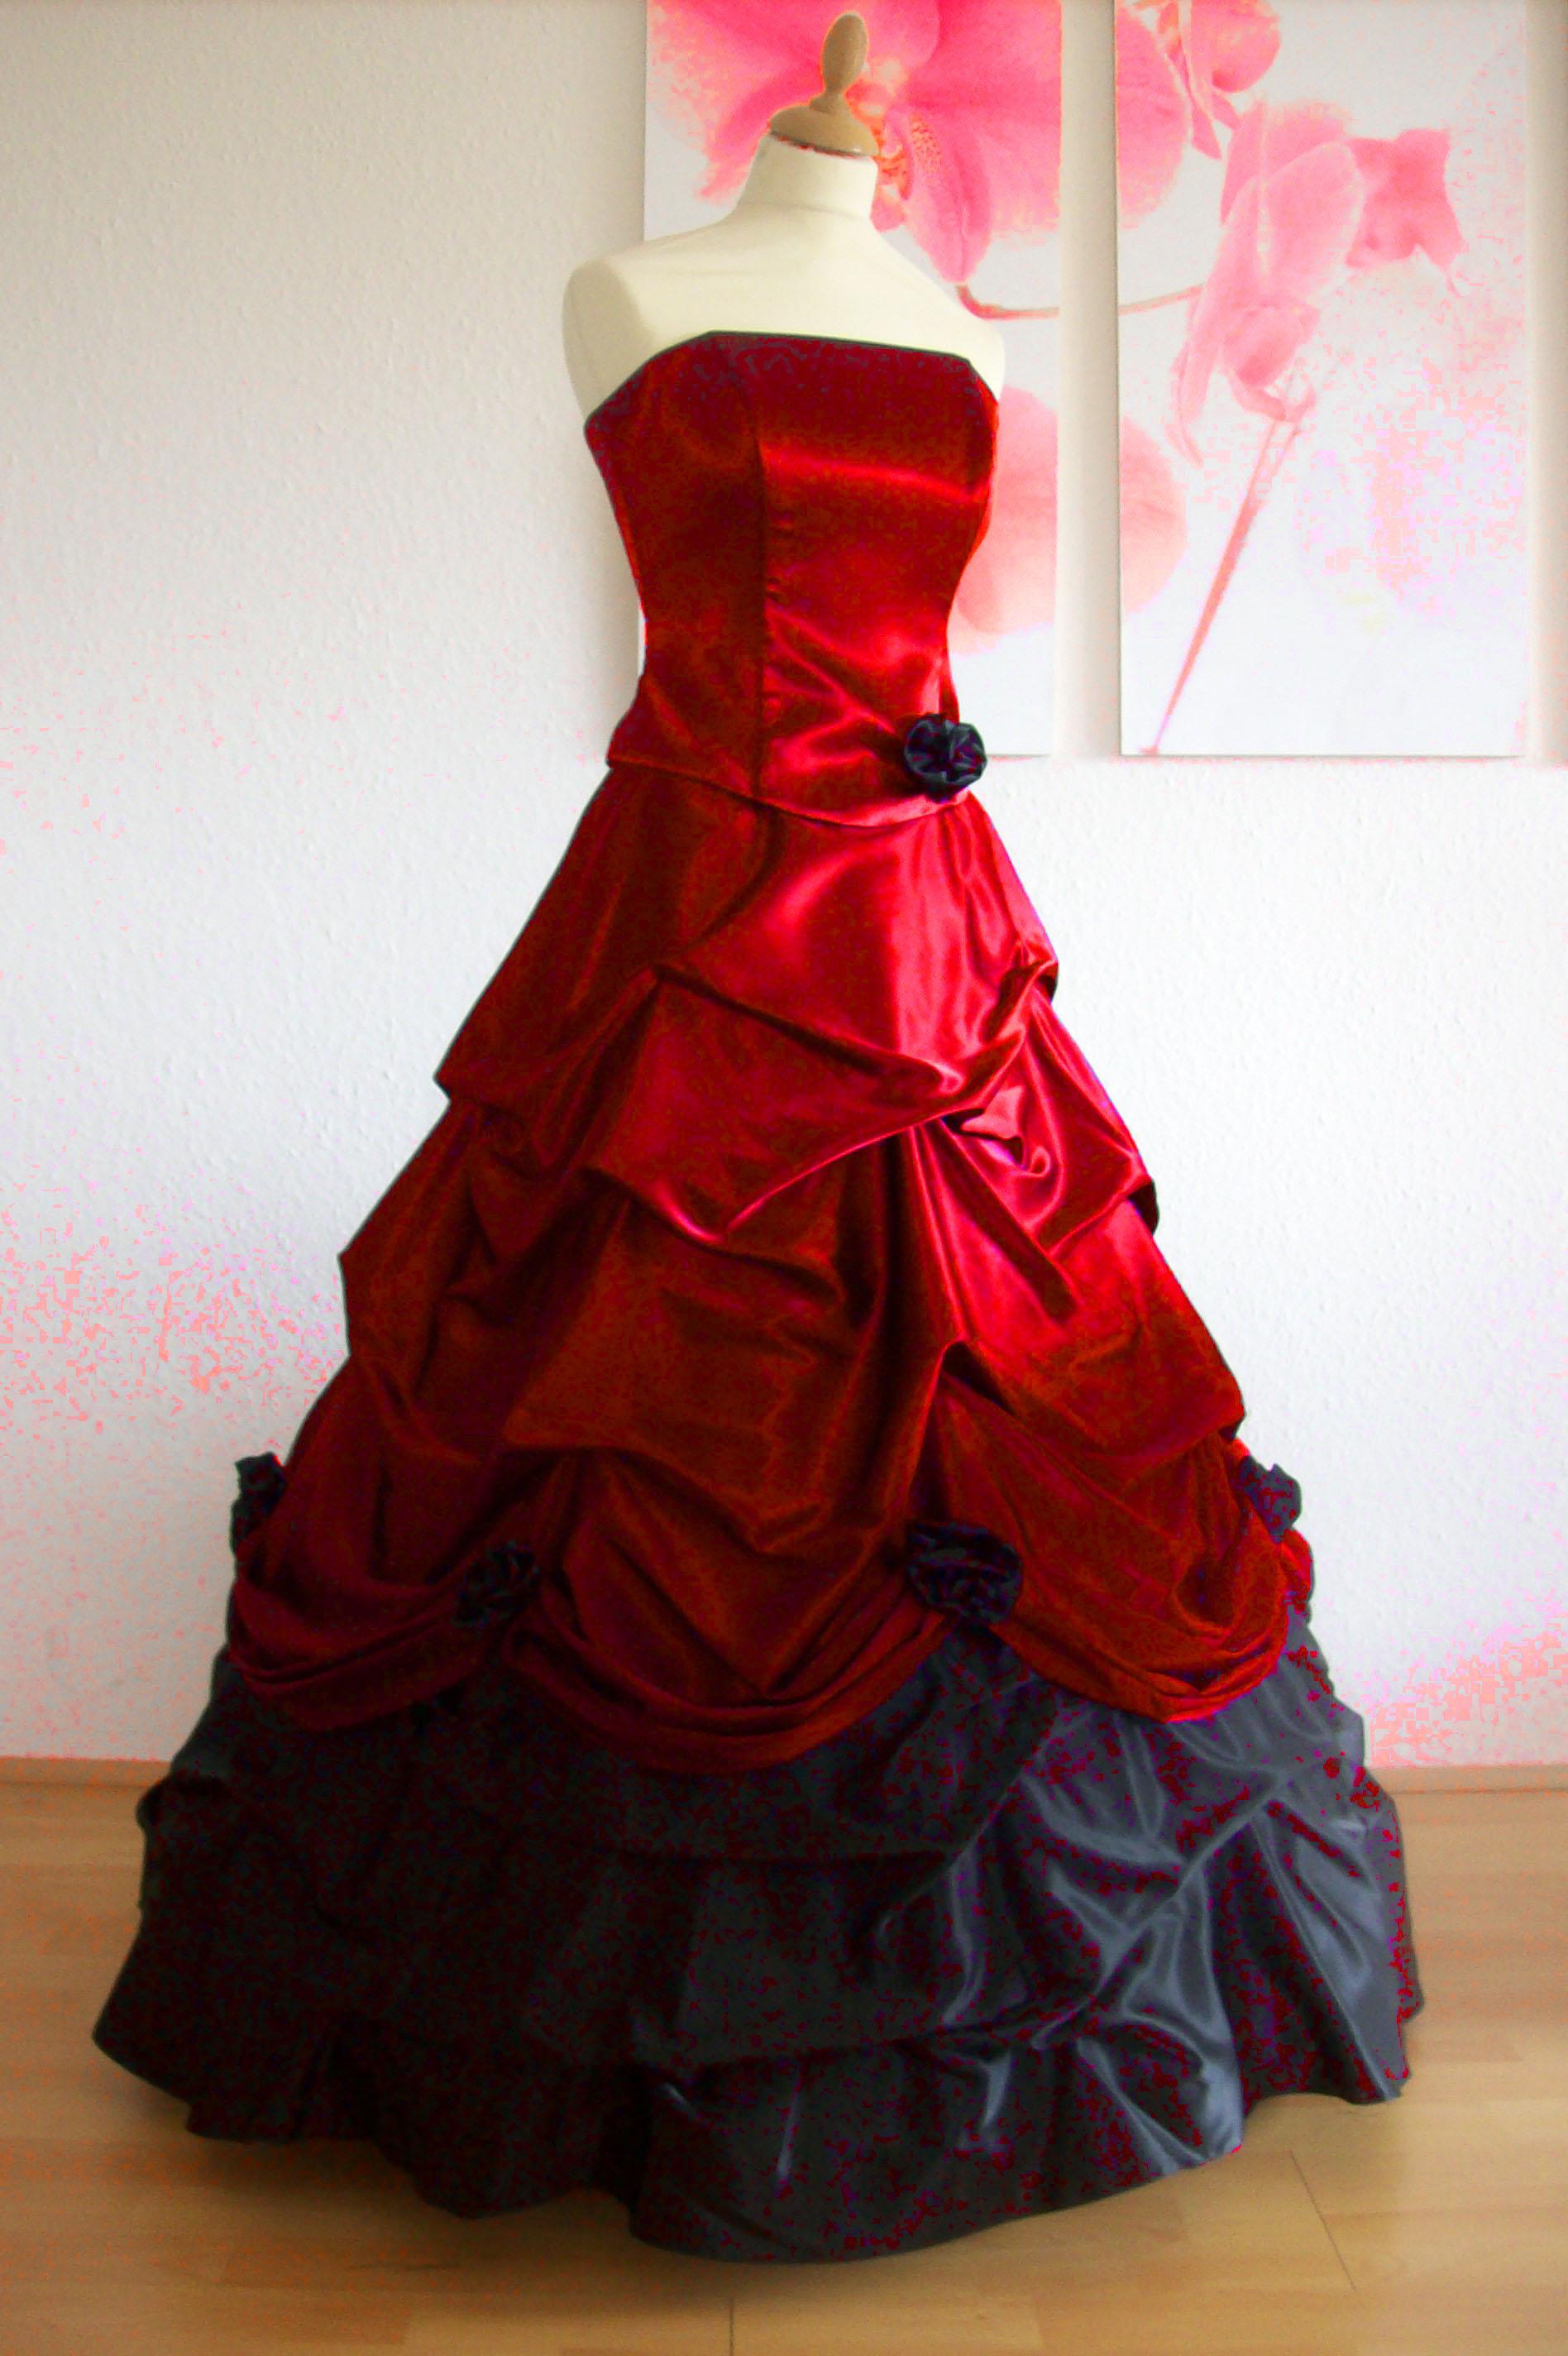 Brautkleider Schwarz Rot | Romantisches Brautkleid Mit Reifrock Schwarz Und Rot Kleiderfreuden